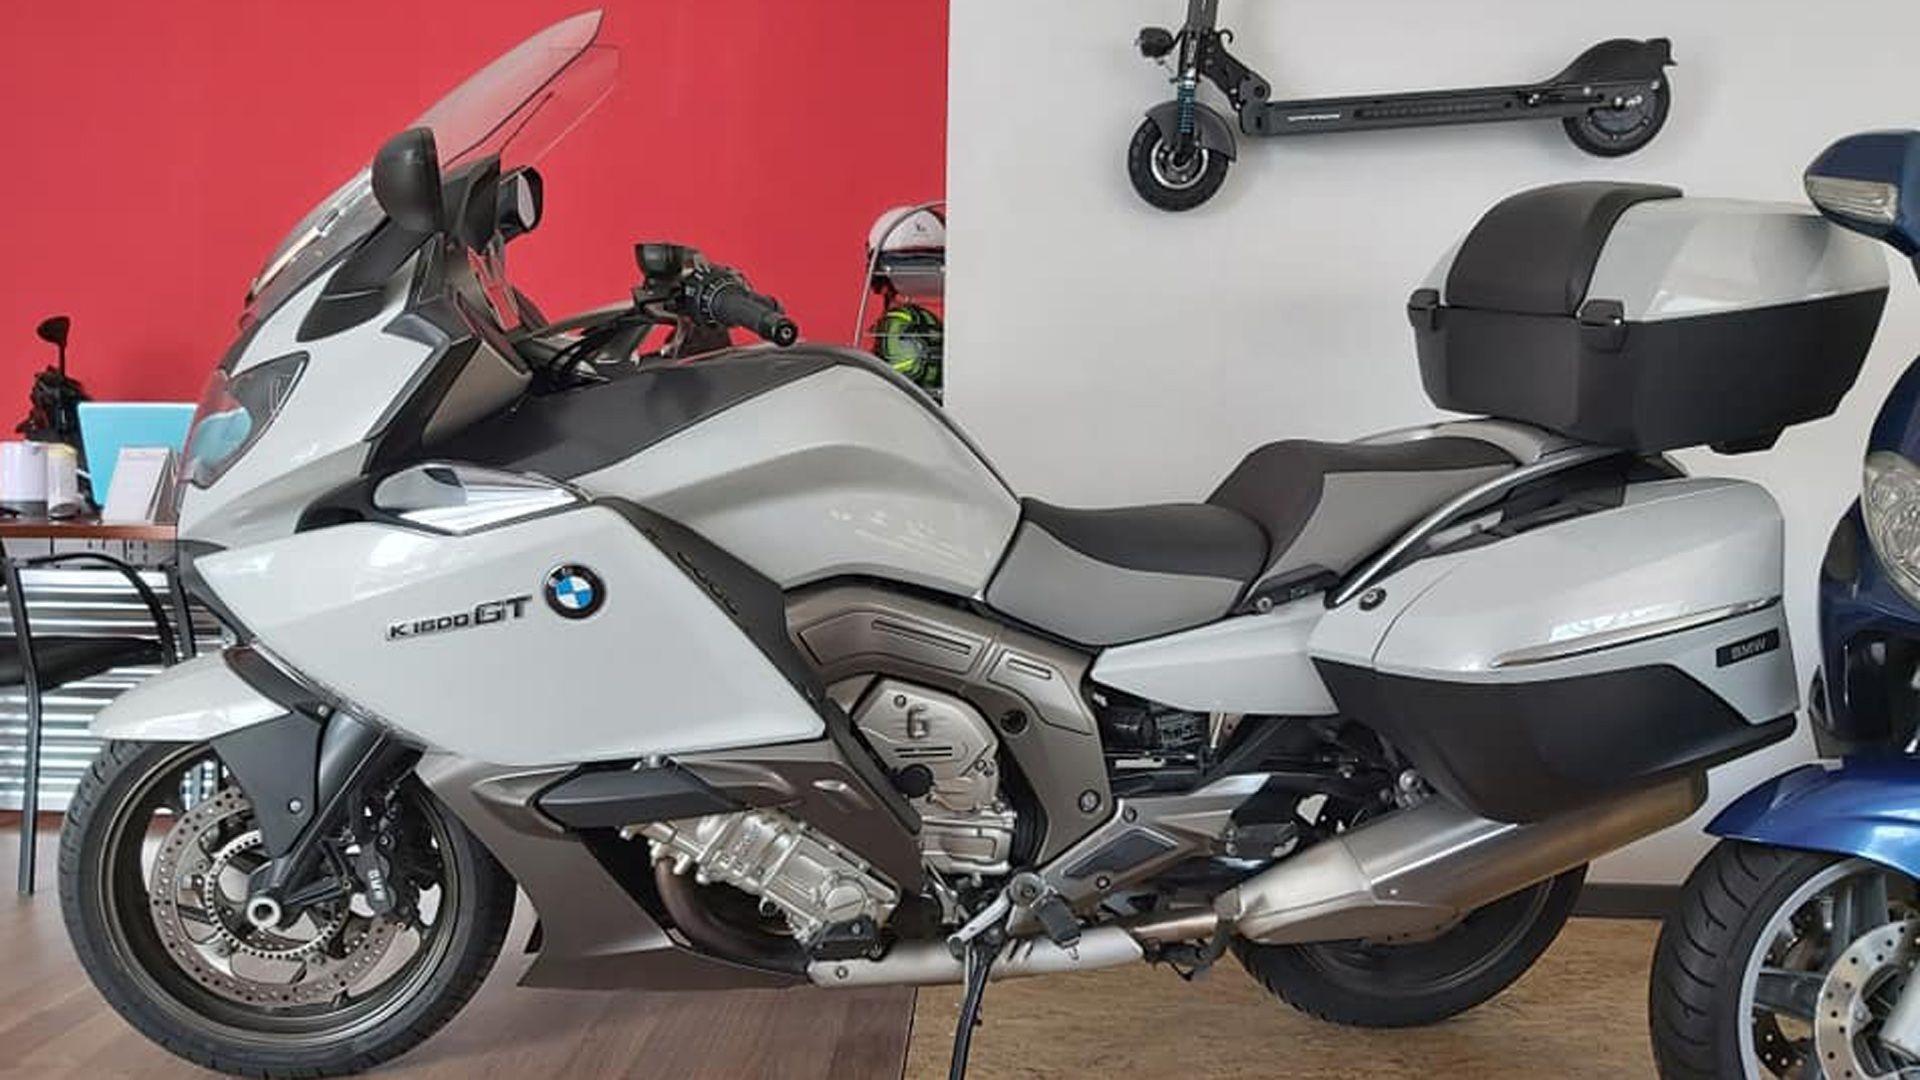 Compra y venta de motos de todas las marcas